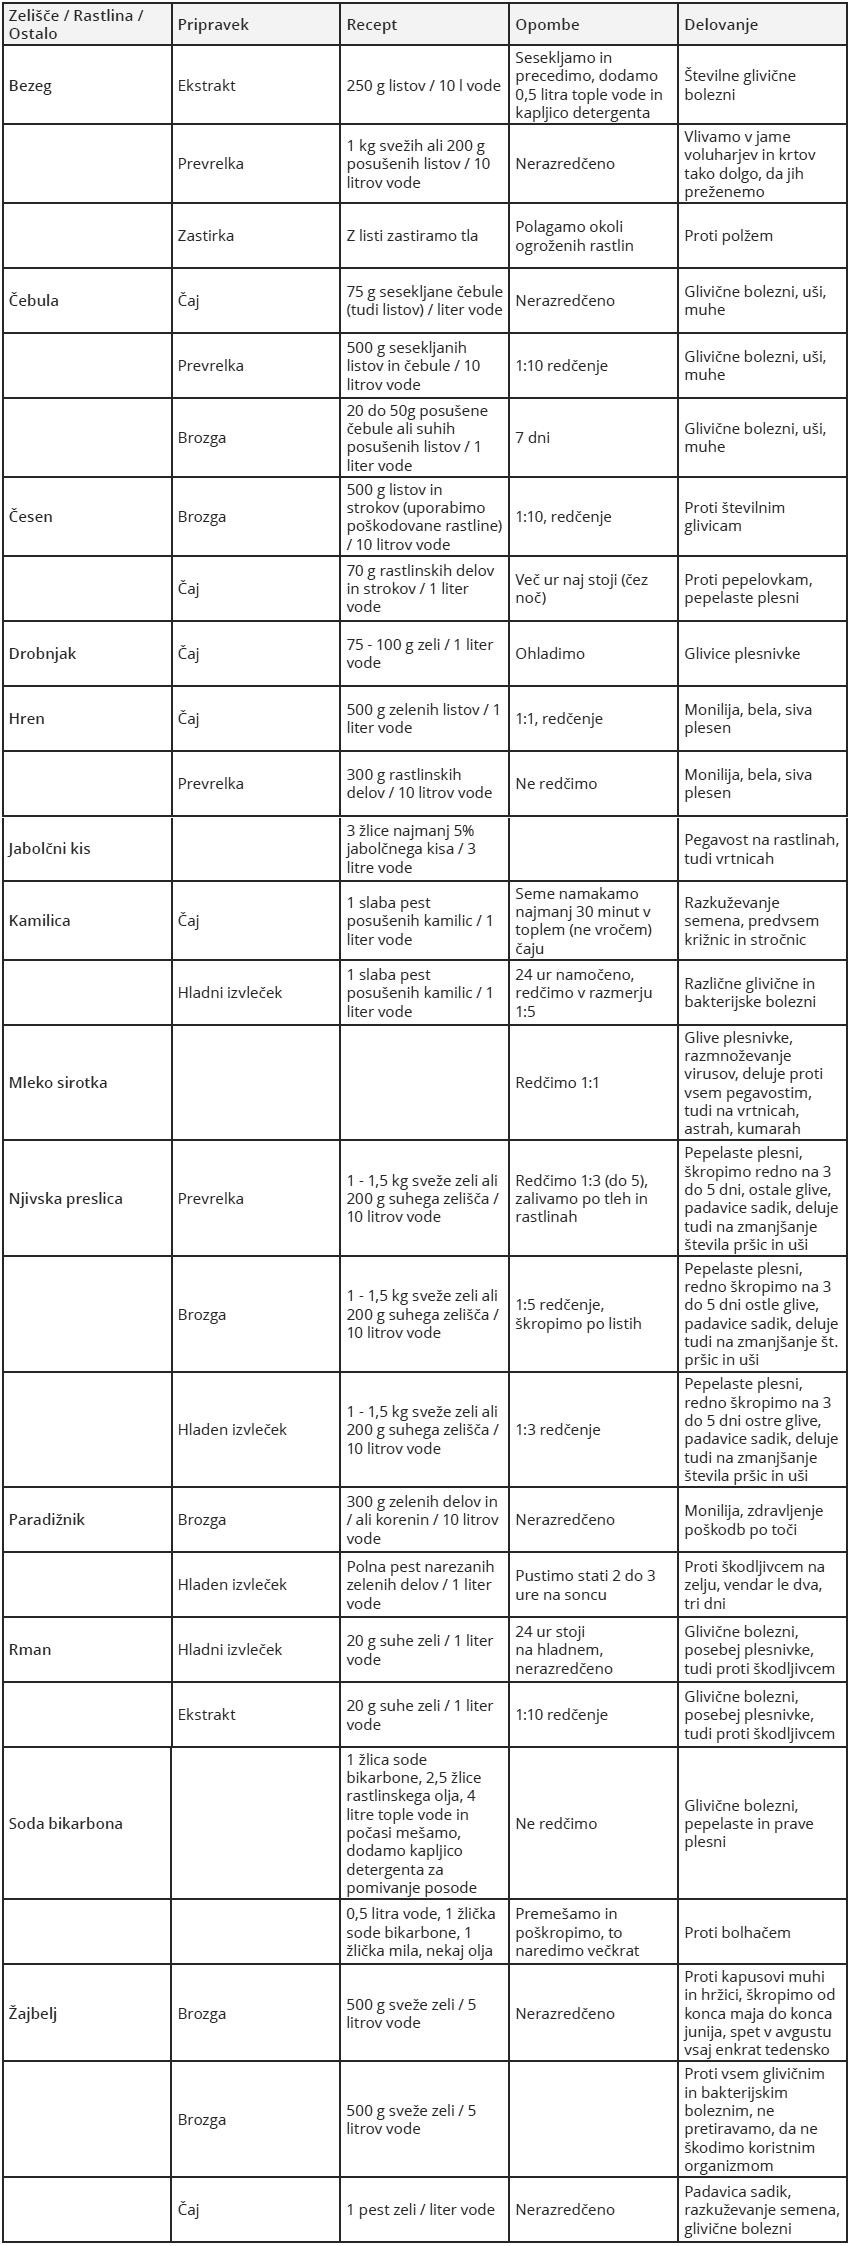 tabela naravnih pripravkov proti boleznim in škodljivcem